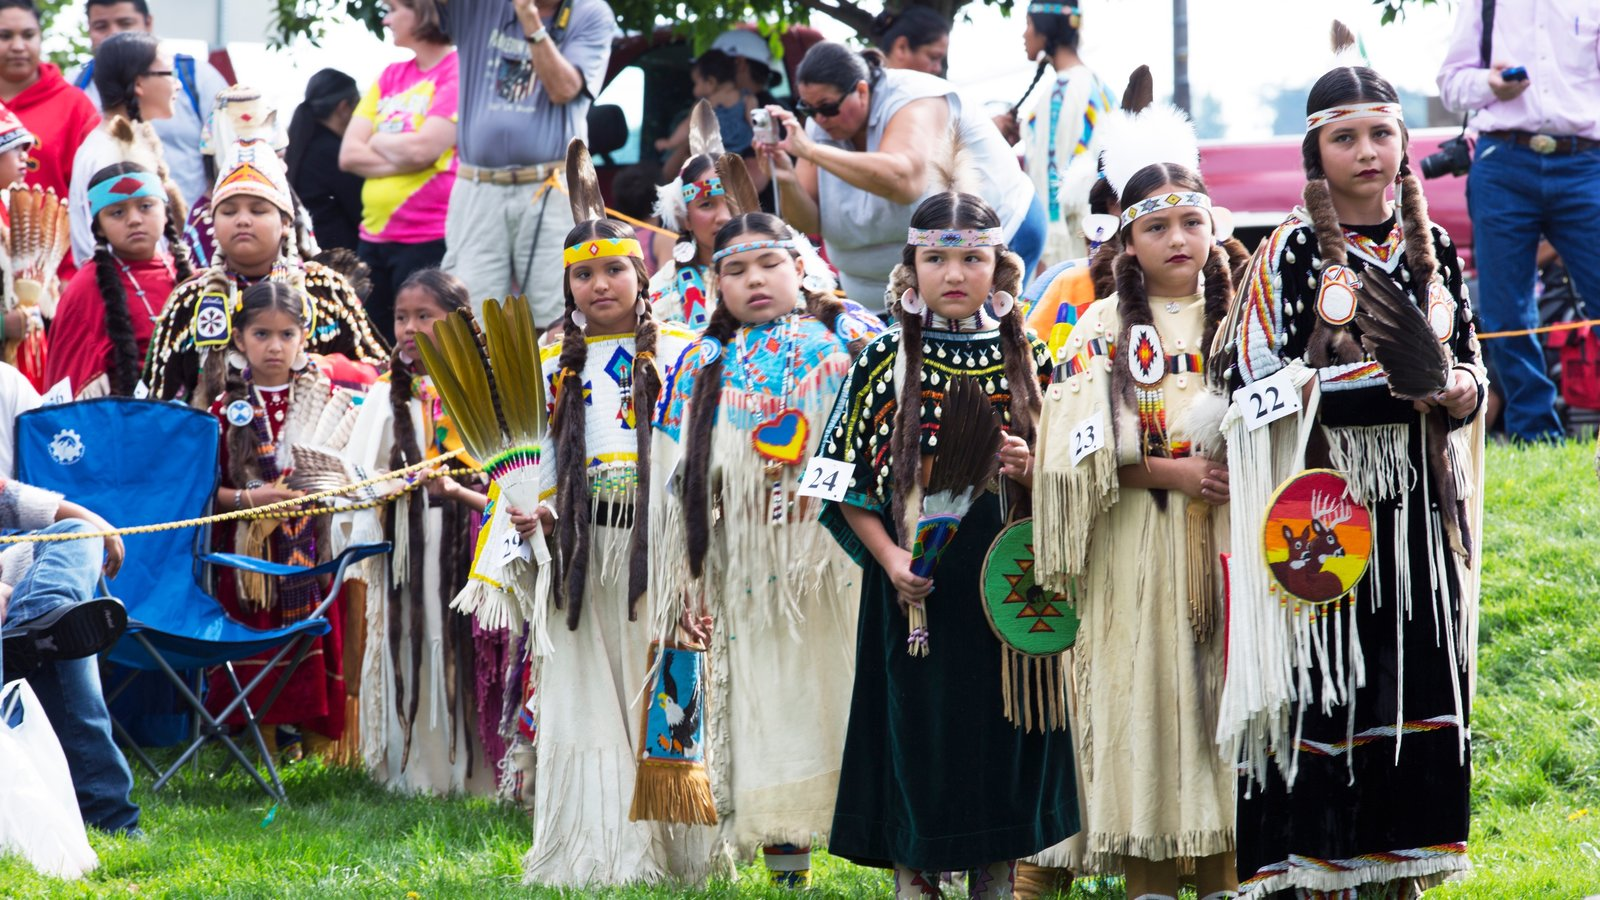 Pendleton mostrando cultura indígena y arte escénica y también niños